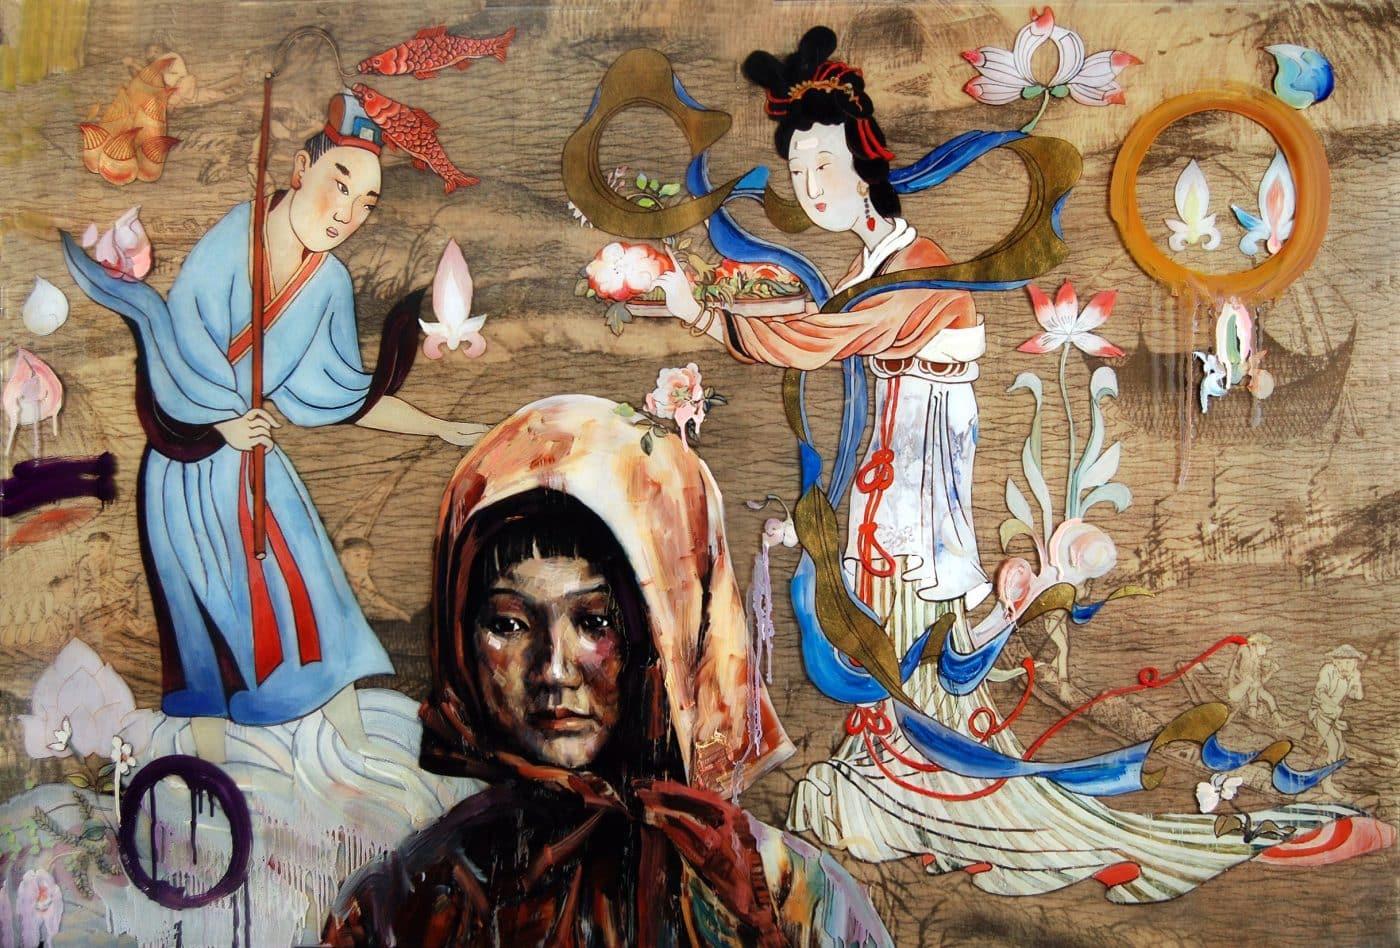 Baptism, 2011, by Hung Liu